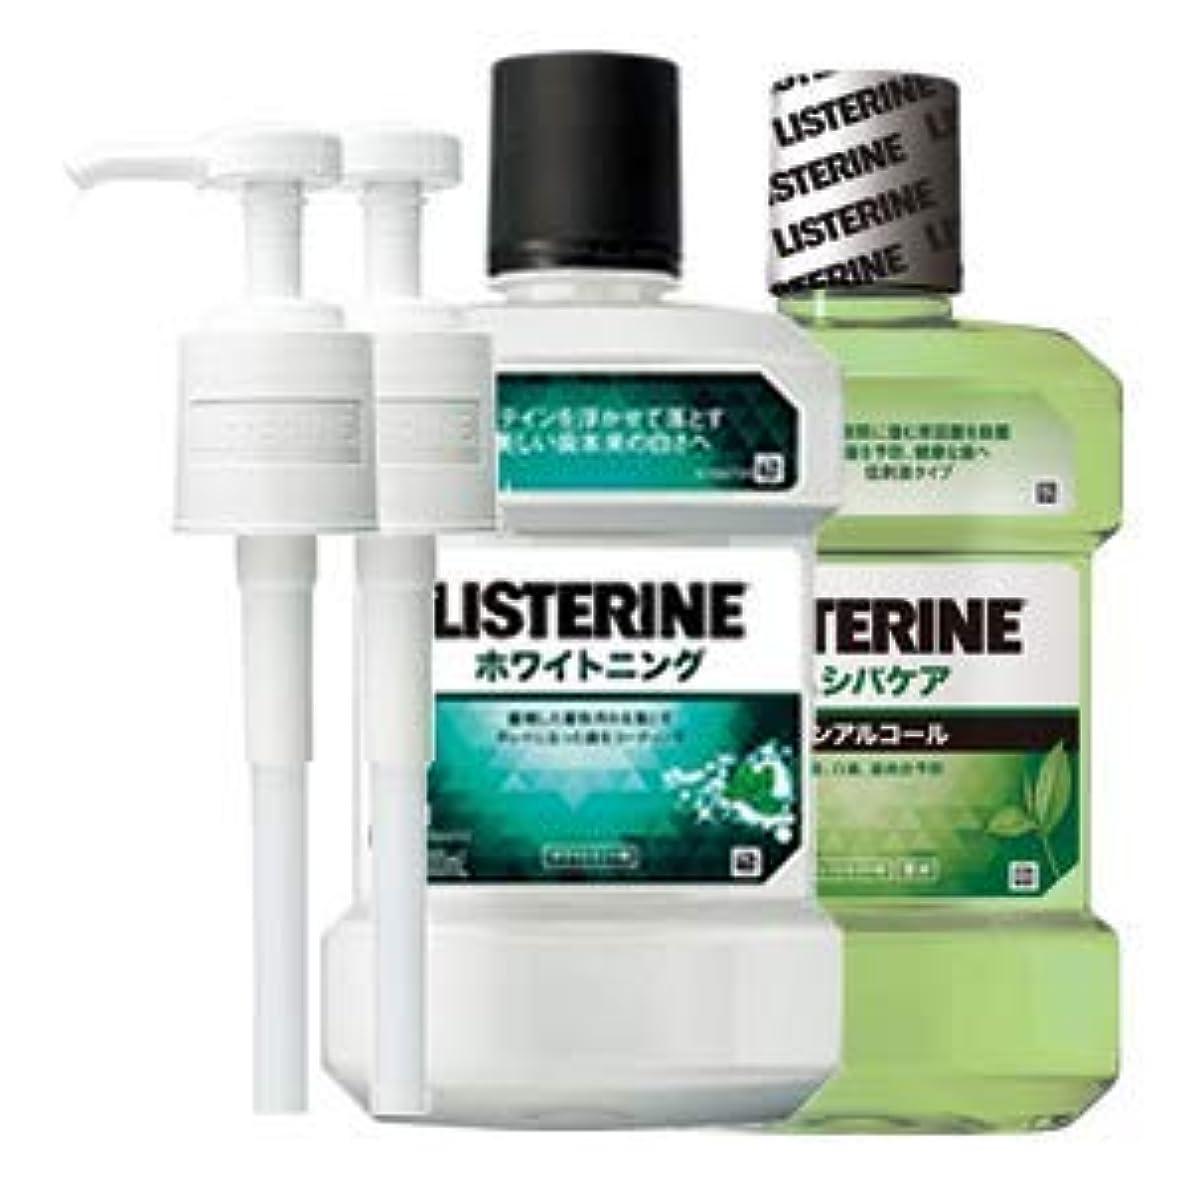 因子存在一薬用 リステリン ホワイトニング ムシバケア 1000mL 2点セット (ポンプ付)